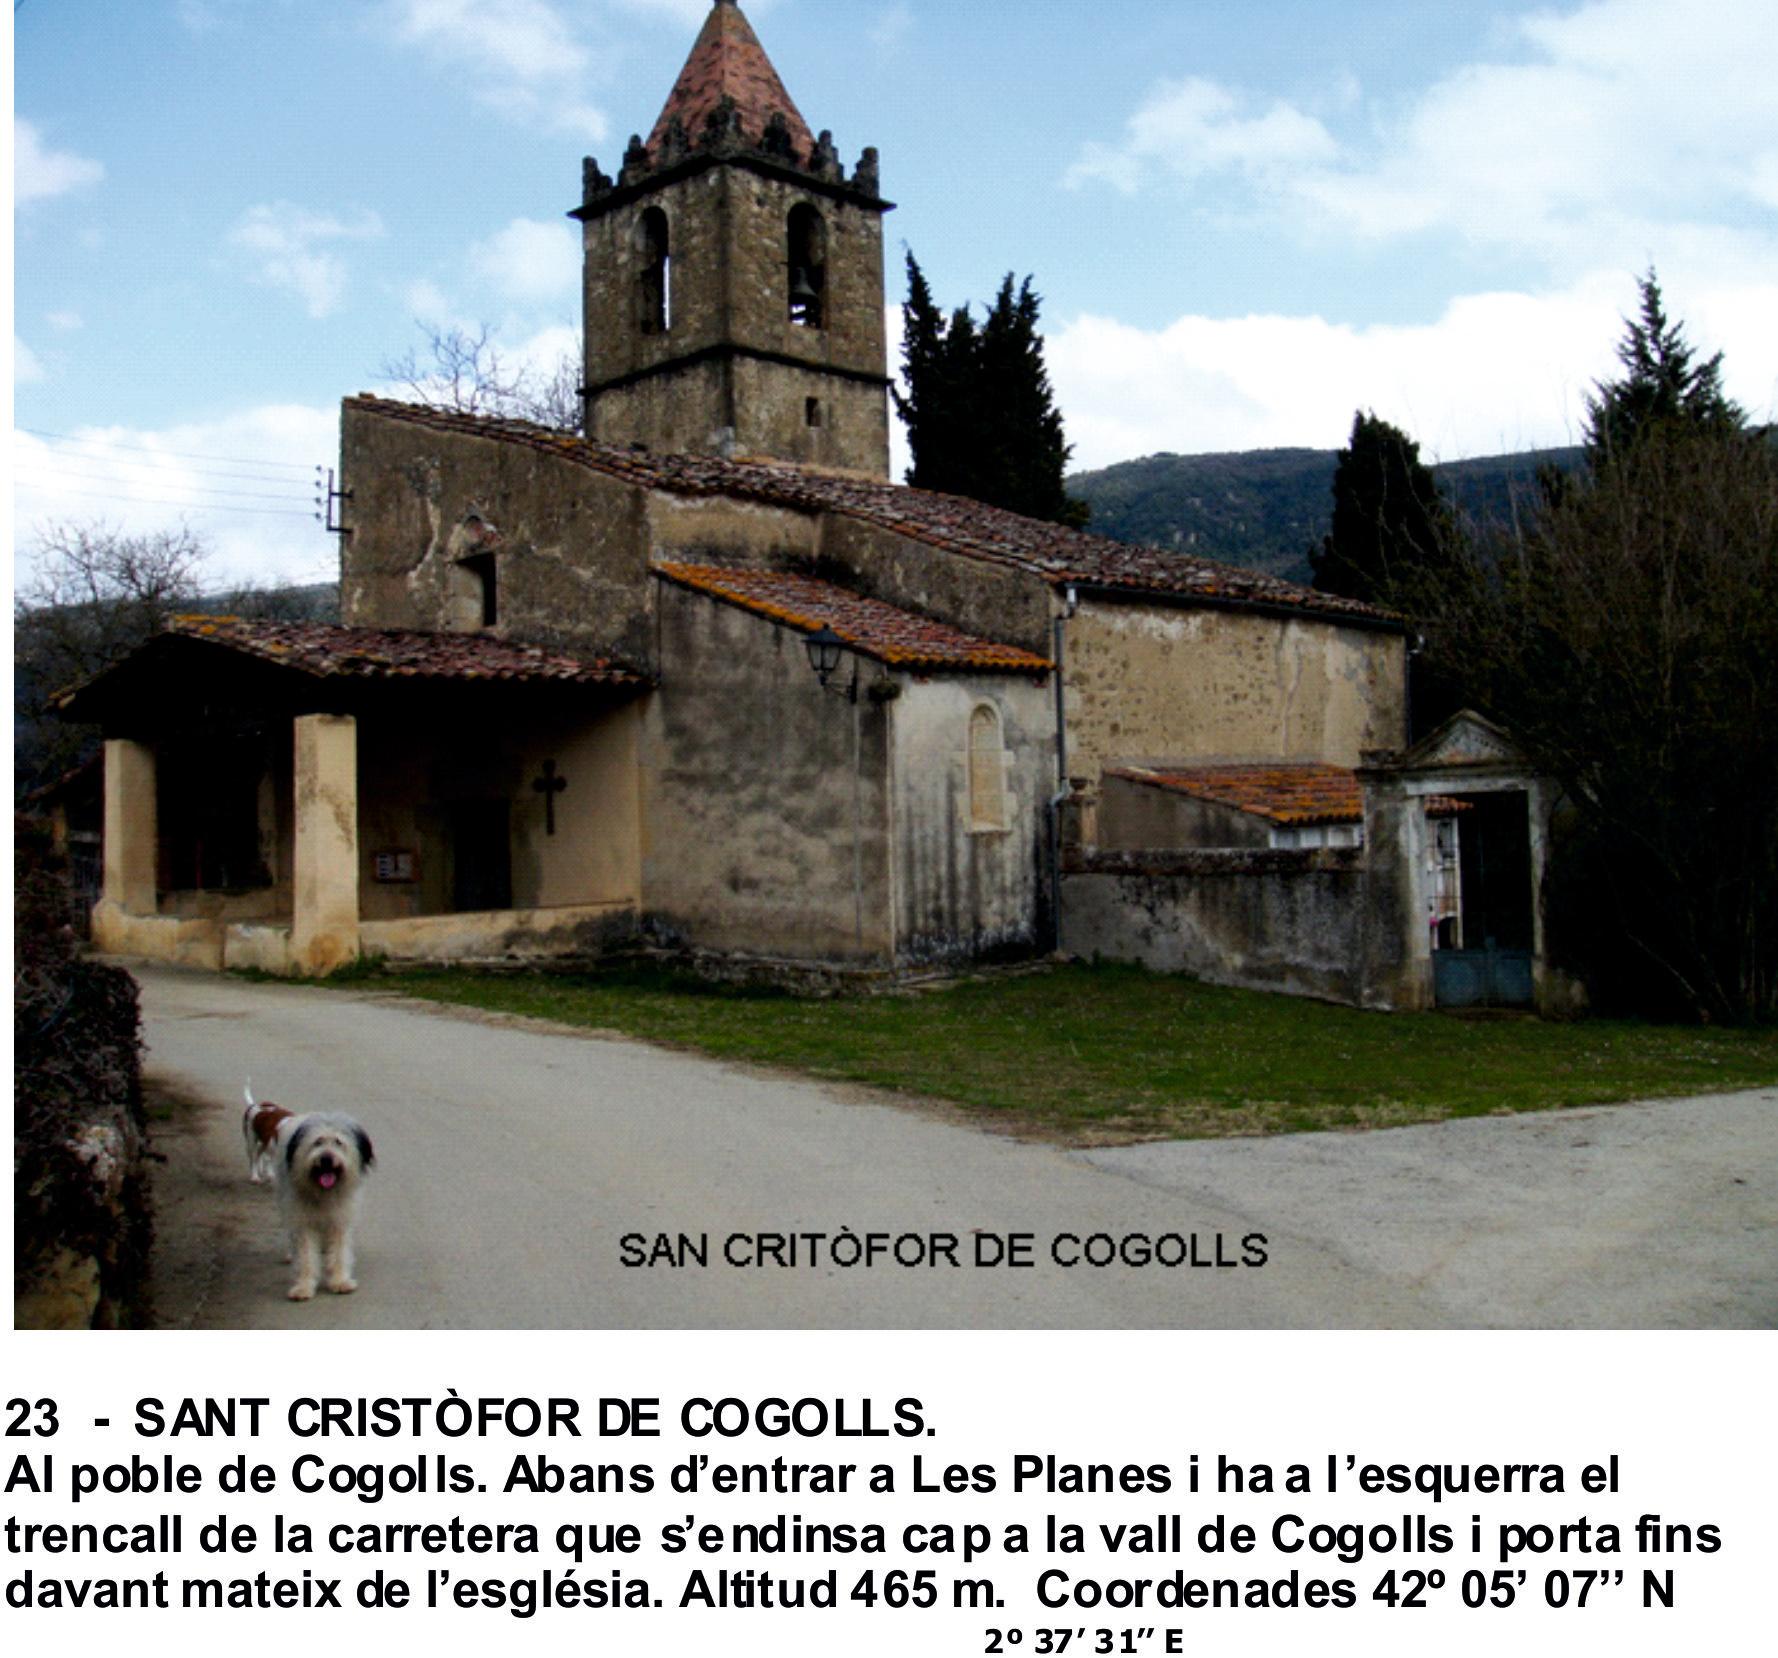 23__-__SANT_CRISTÒFOR_DE_COGOLLS.